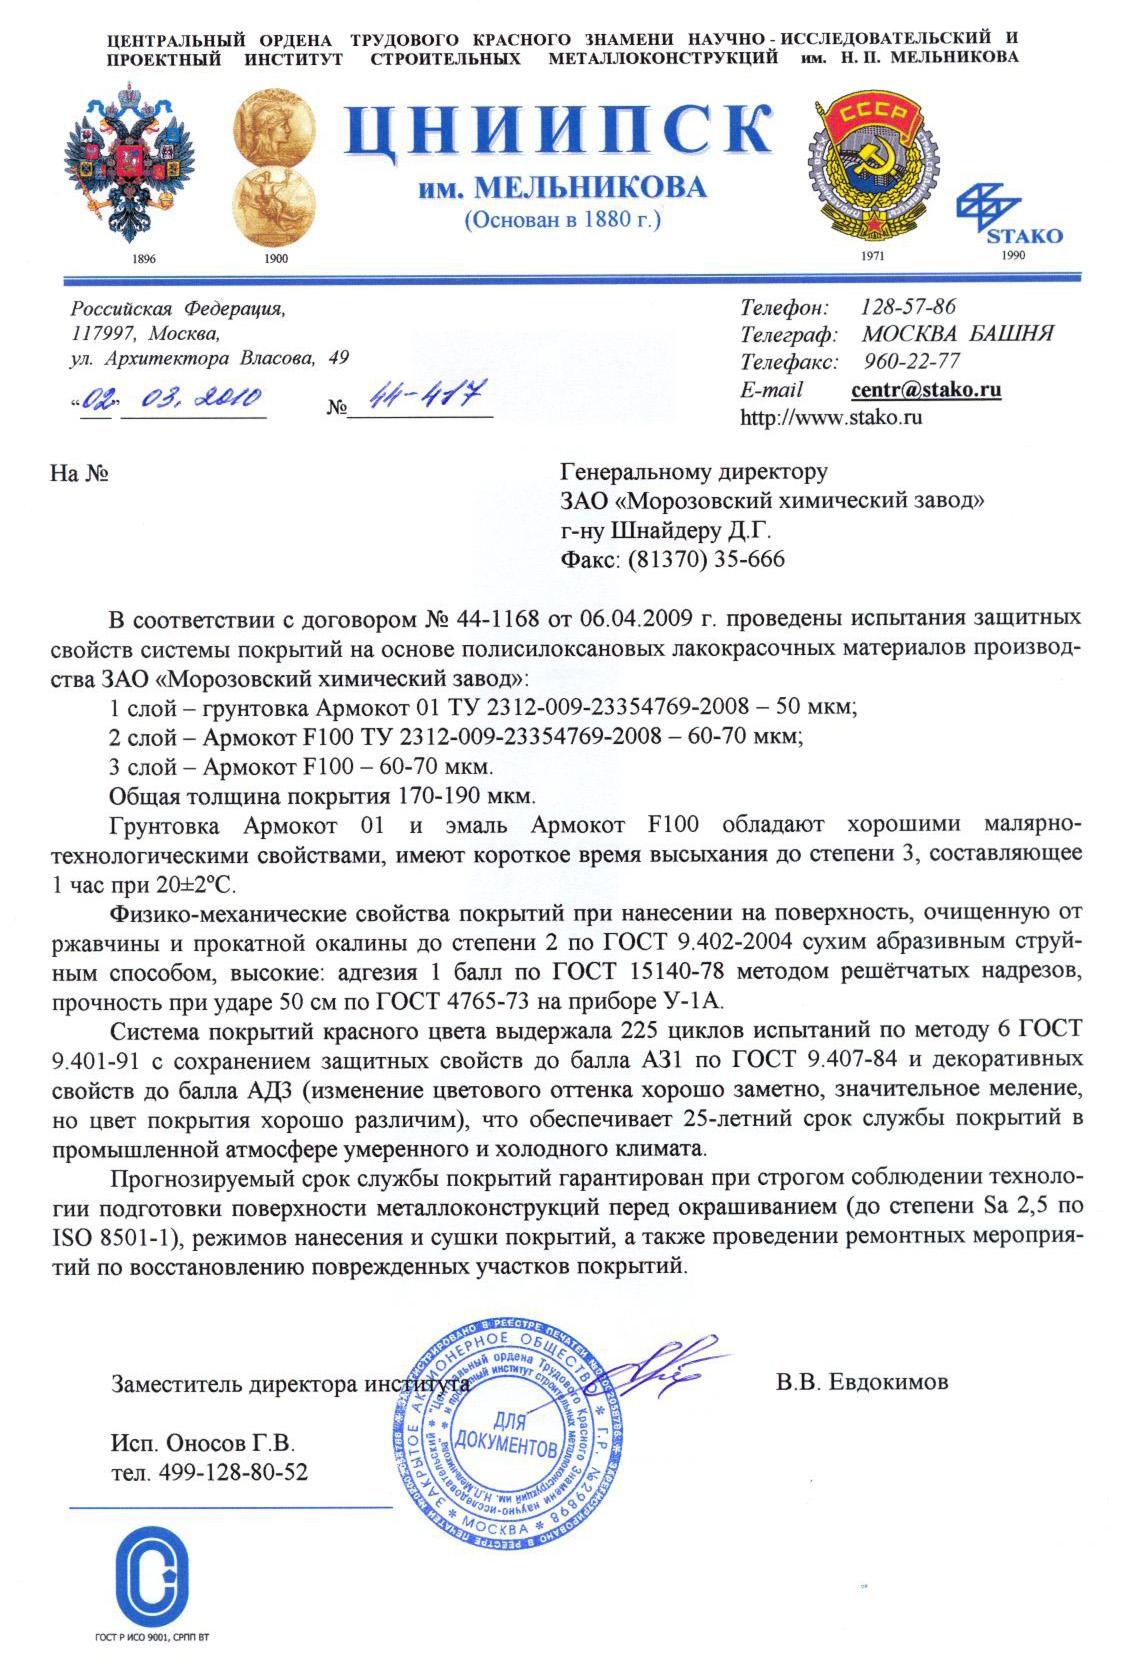 Армокот F100 ЦНИИПСК им. Мельникова 25 лет